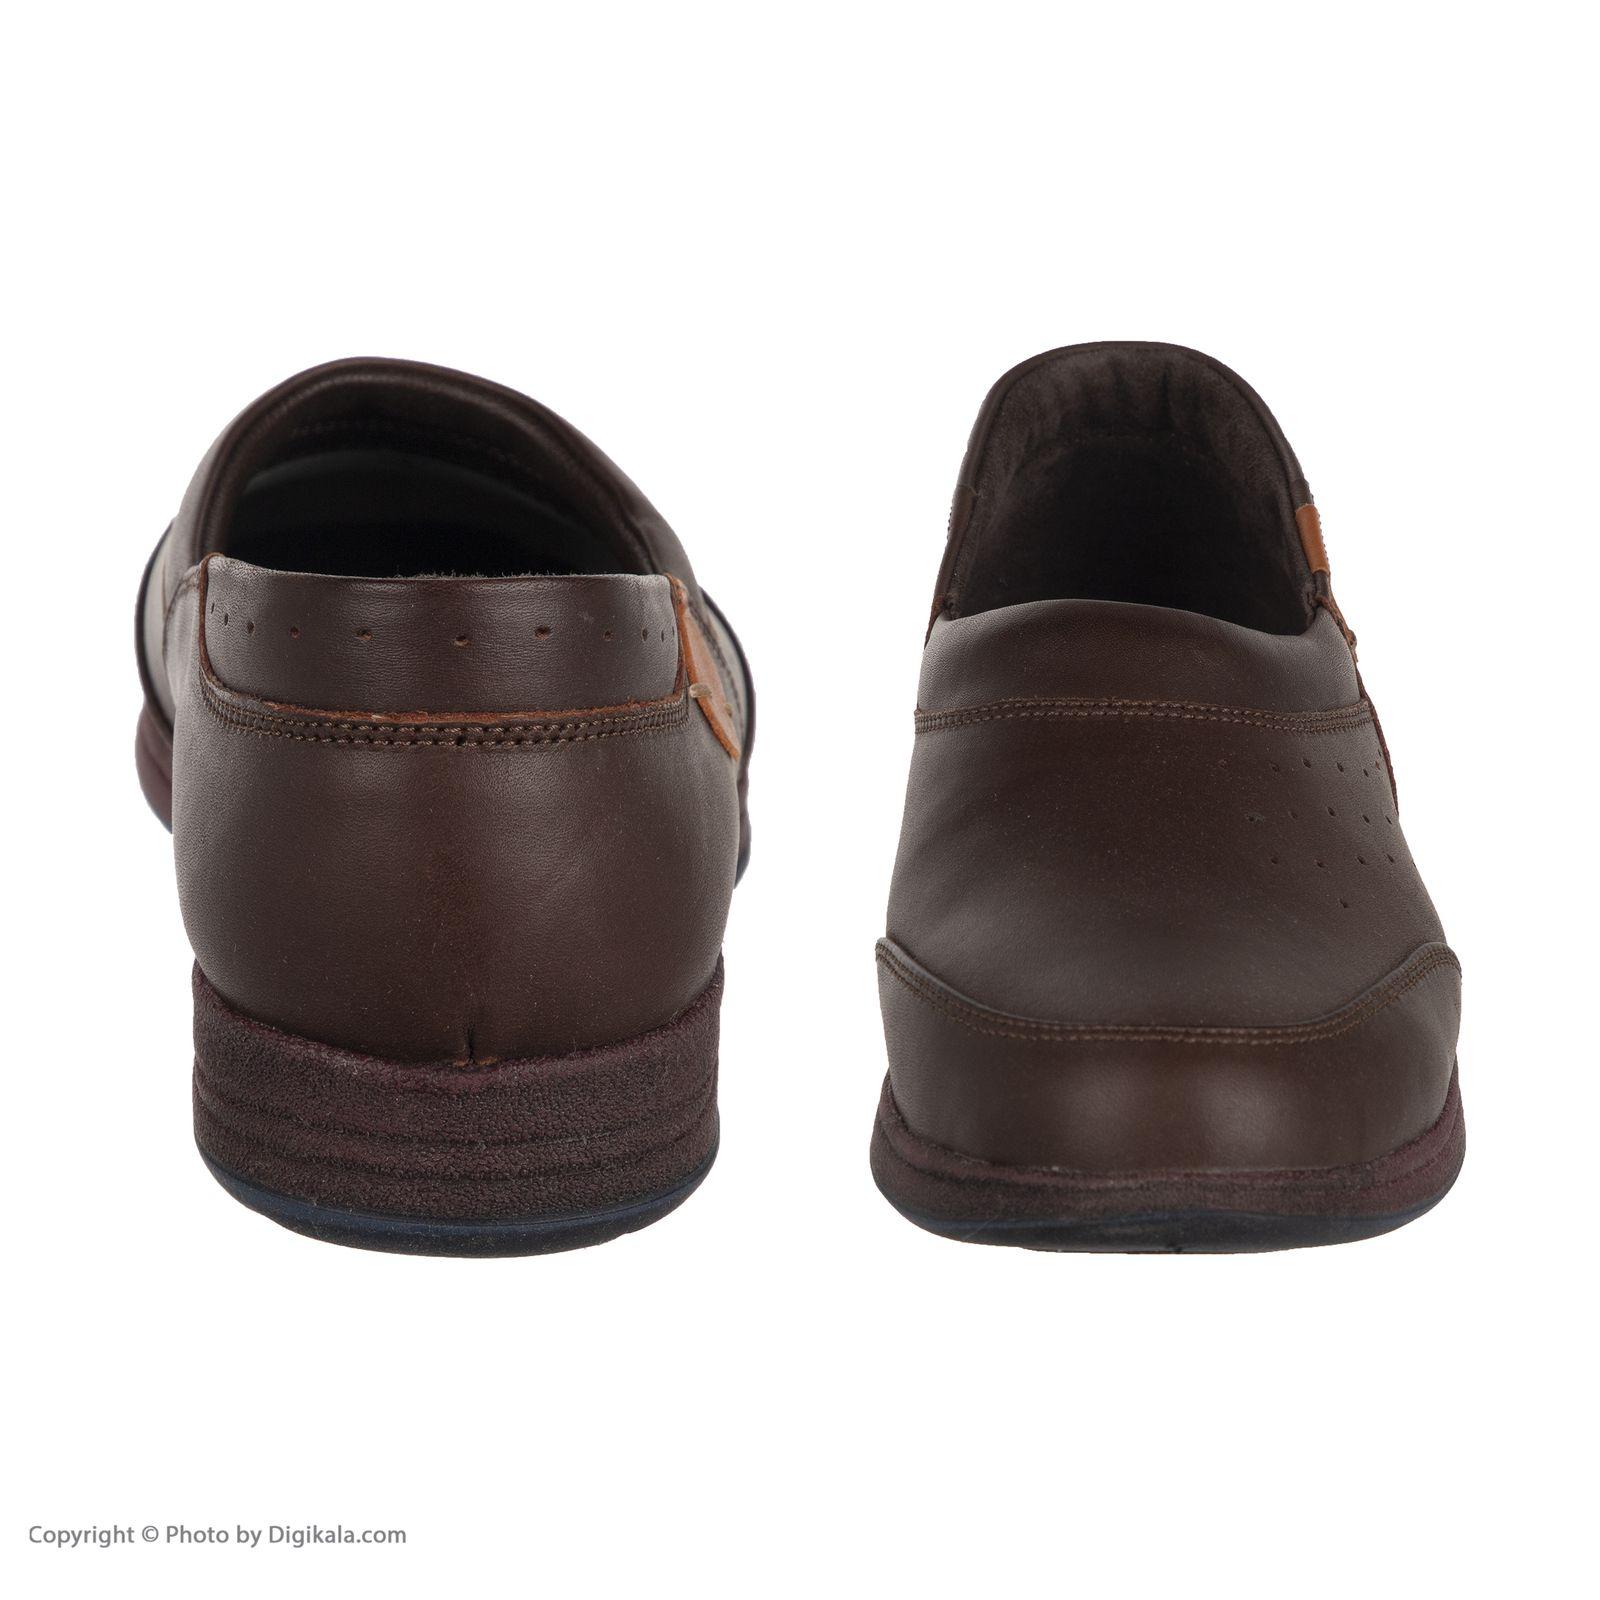 کفش روزمره زنانه سوته مدل 2959B500104 -  - 6